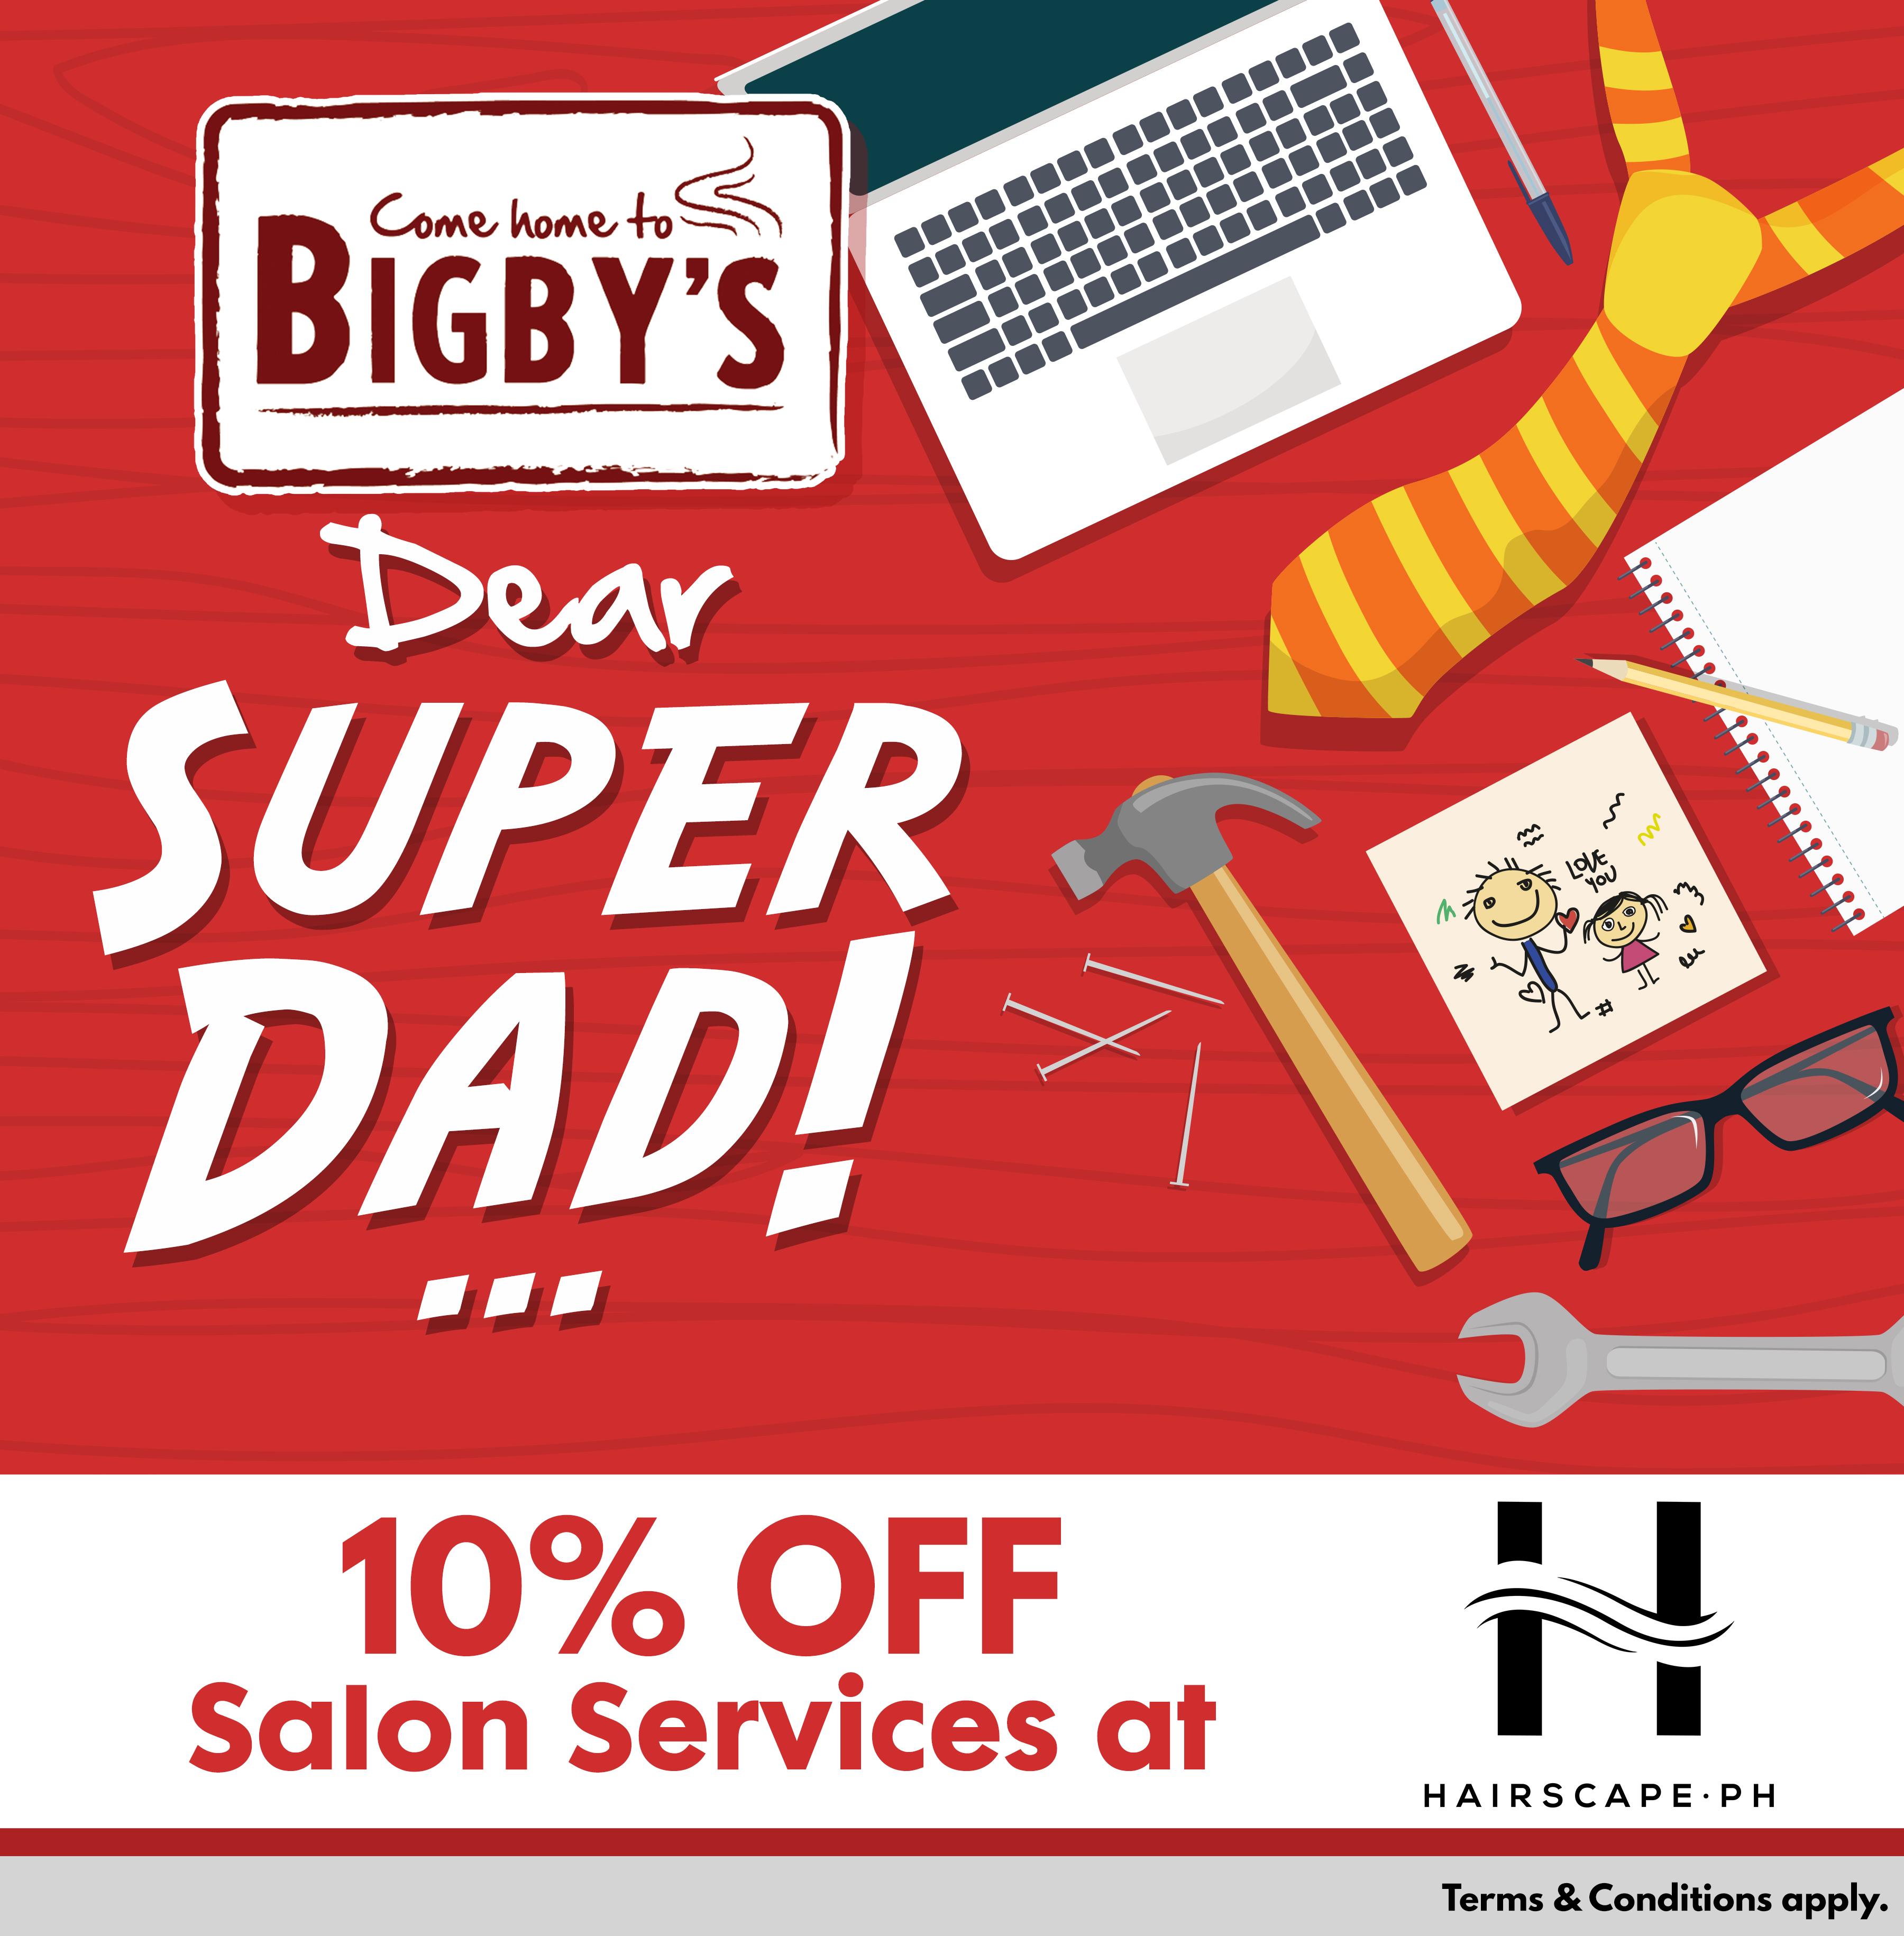 CDO-Bigby-Fathers-DayHairscape